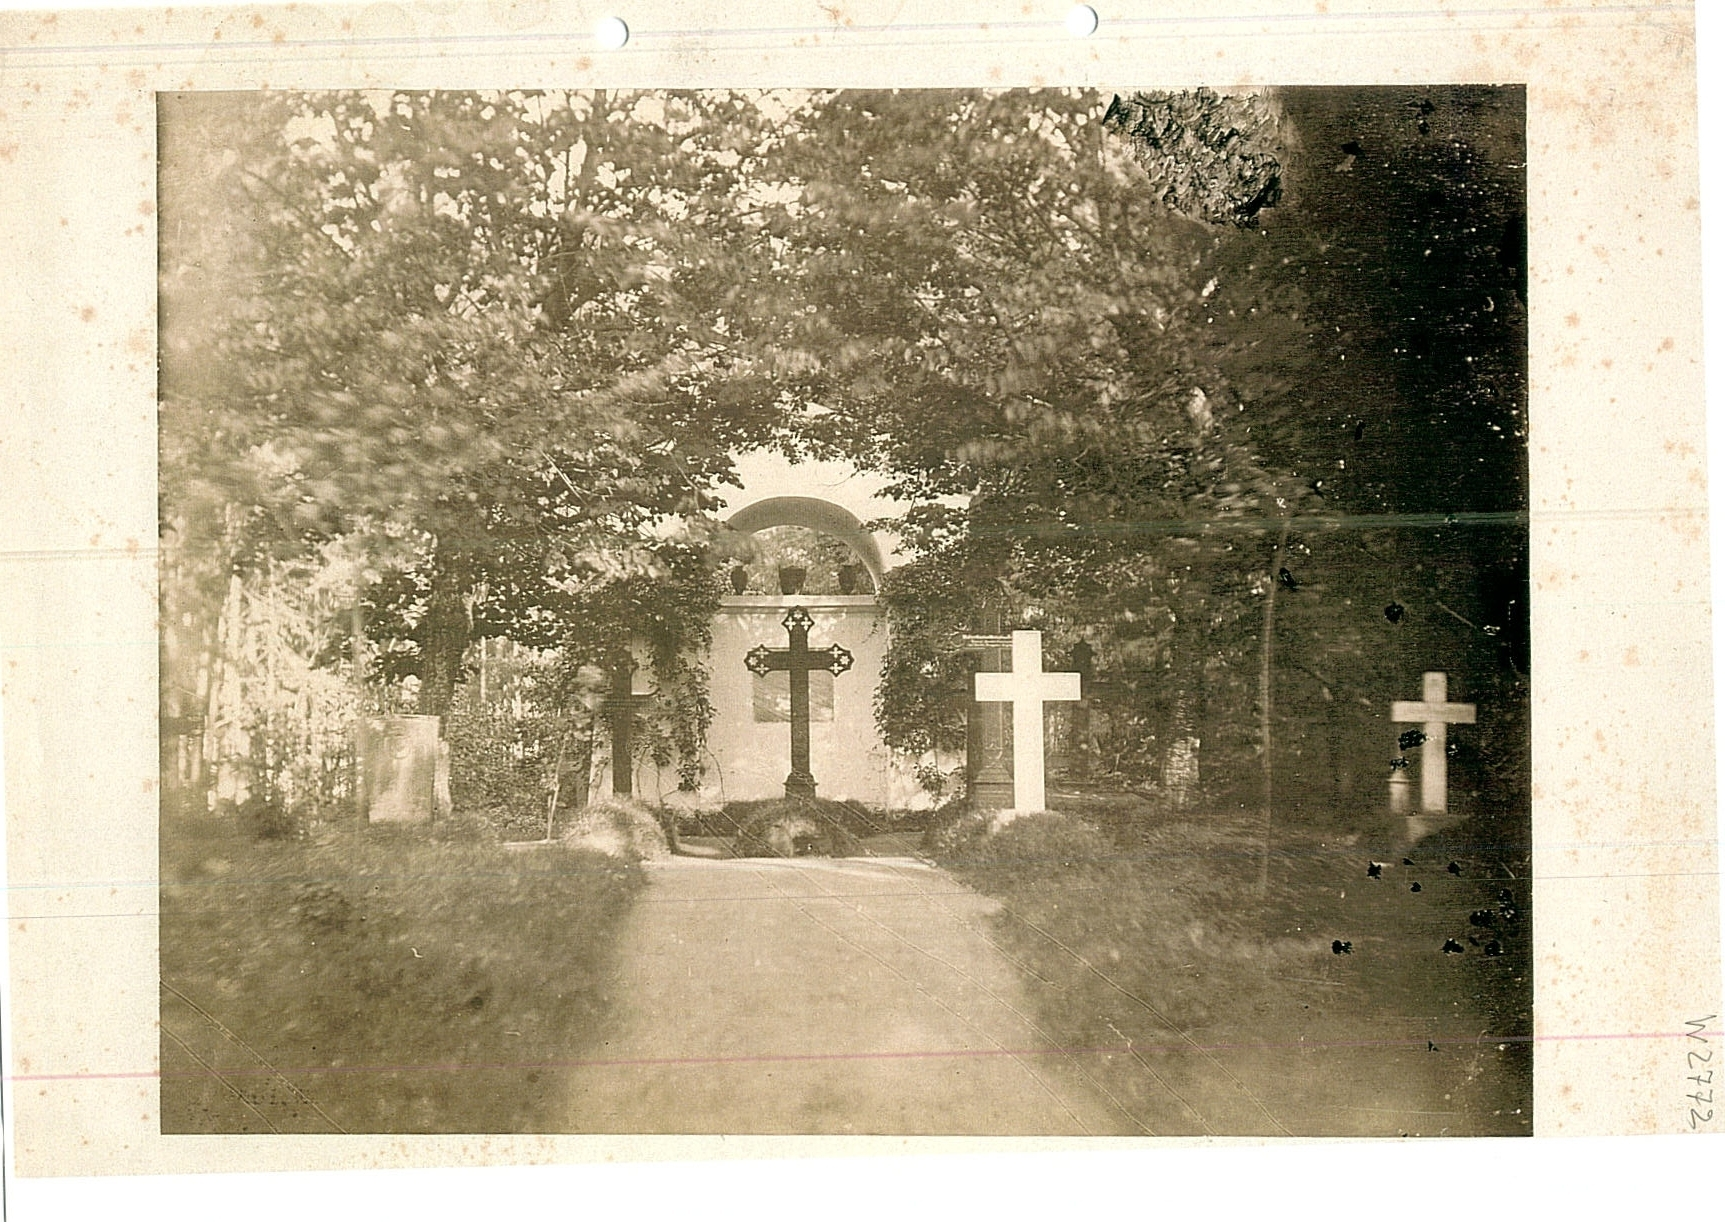 kapai baronu von Keudell laikais